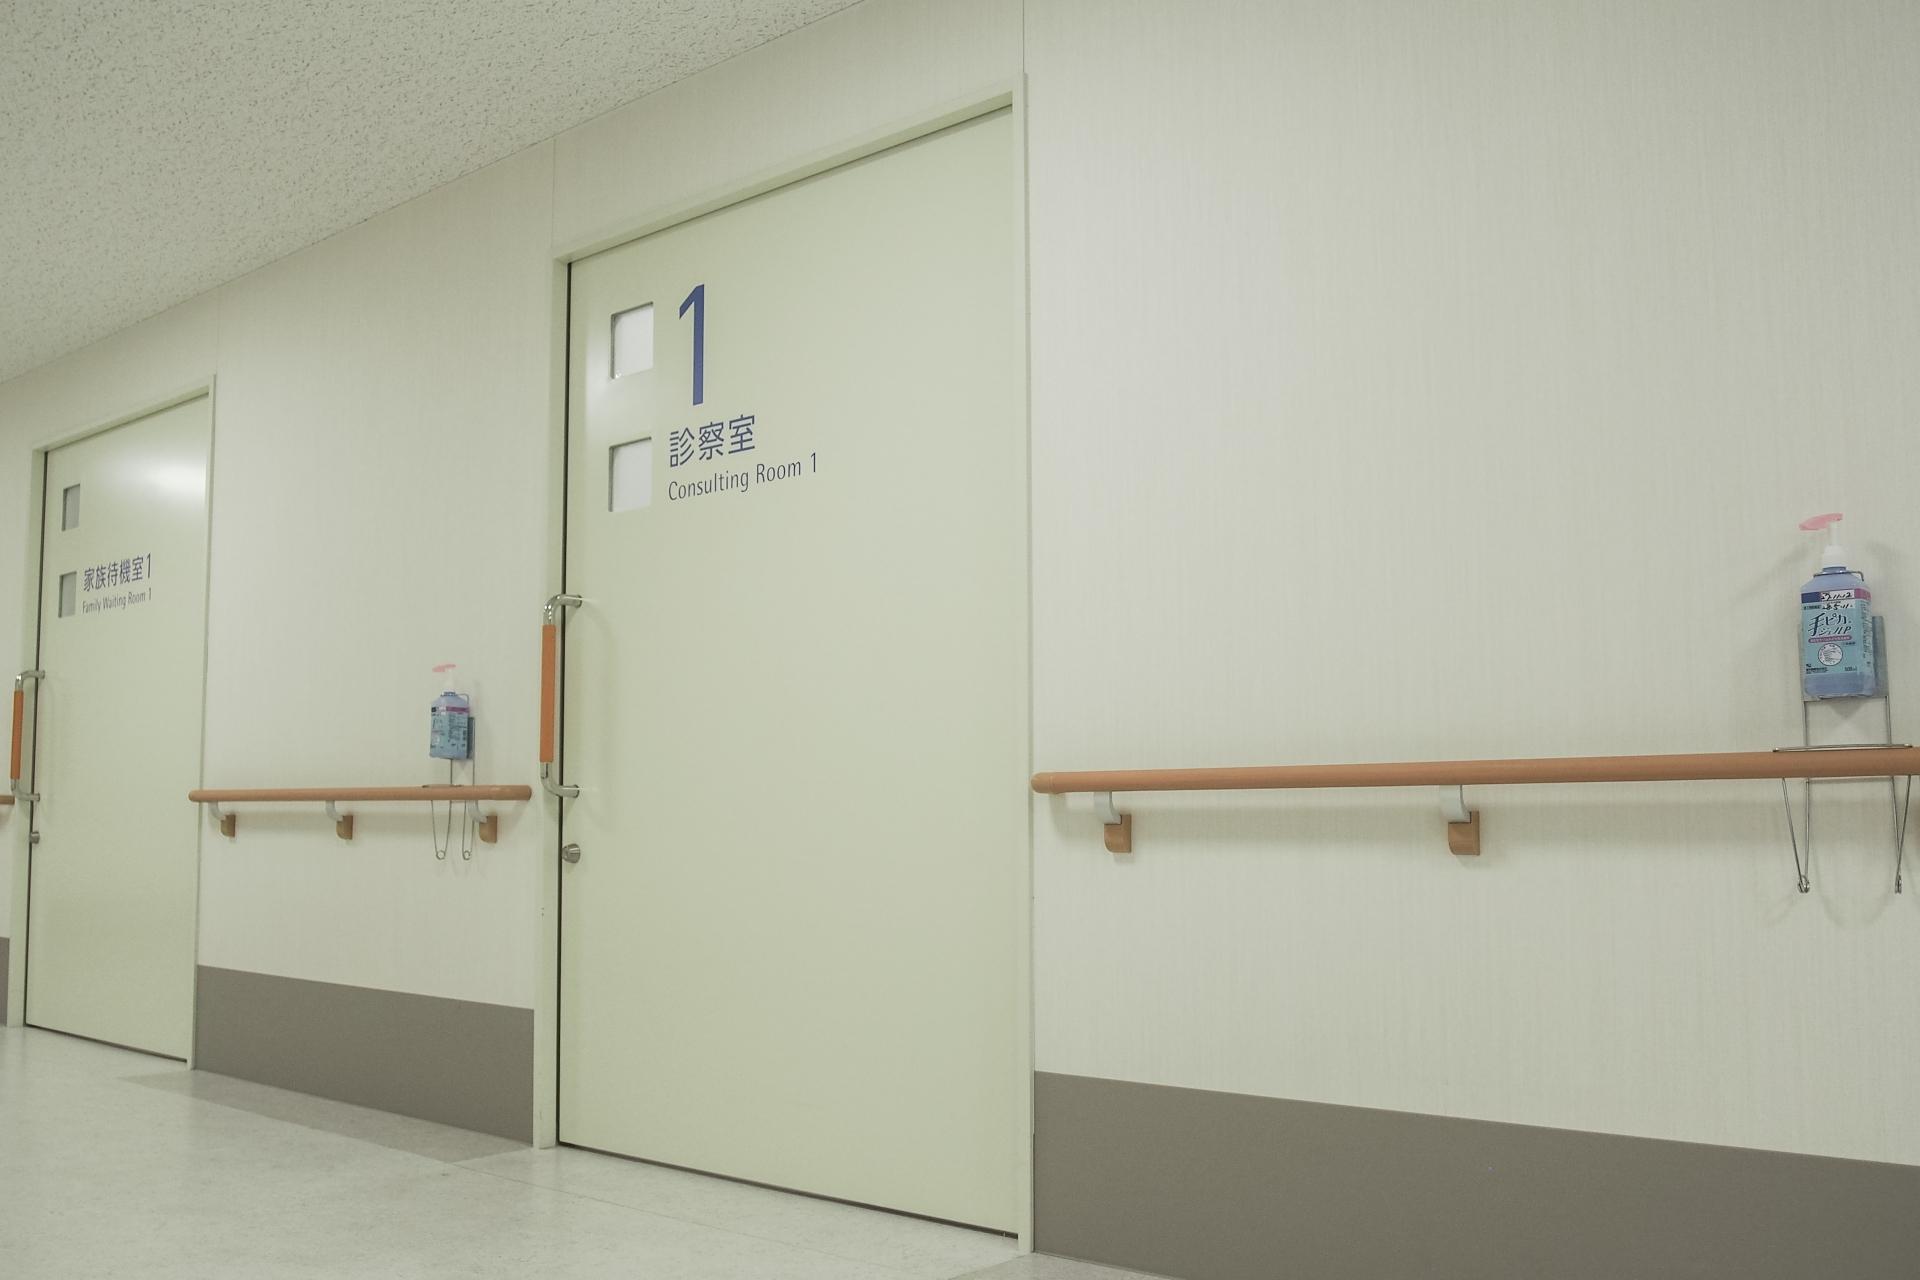 切り傷で病院に行くなら何科で診察を受けるべき?子供を連れて行く時は?